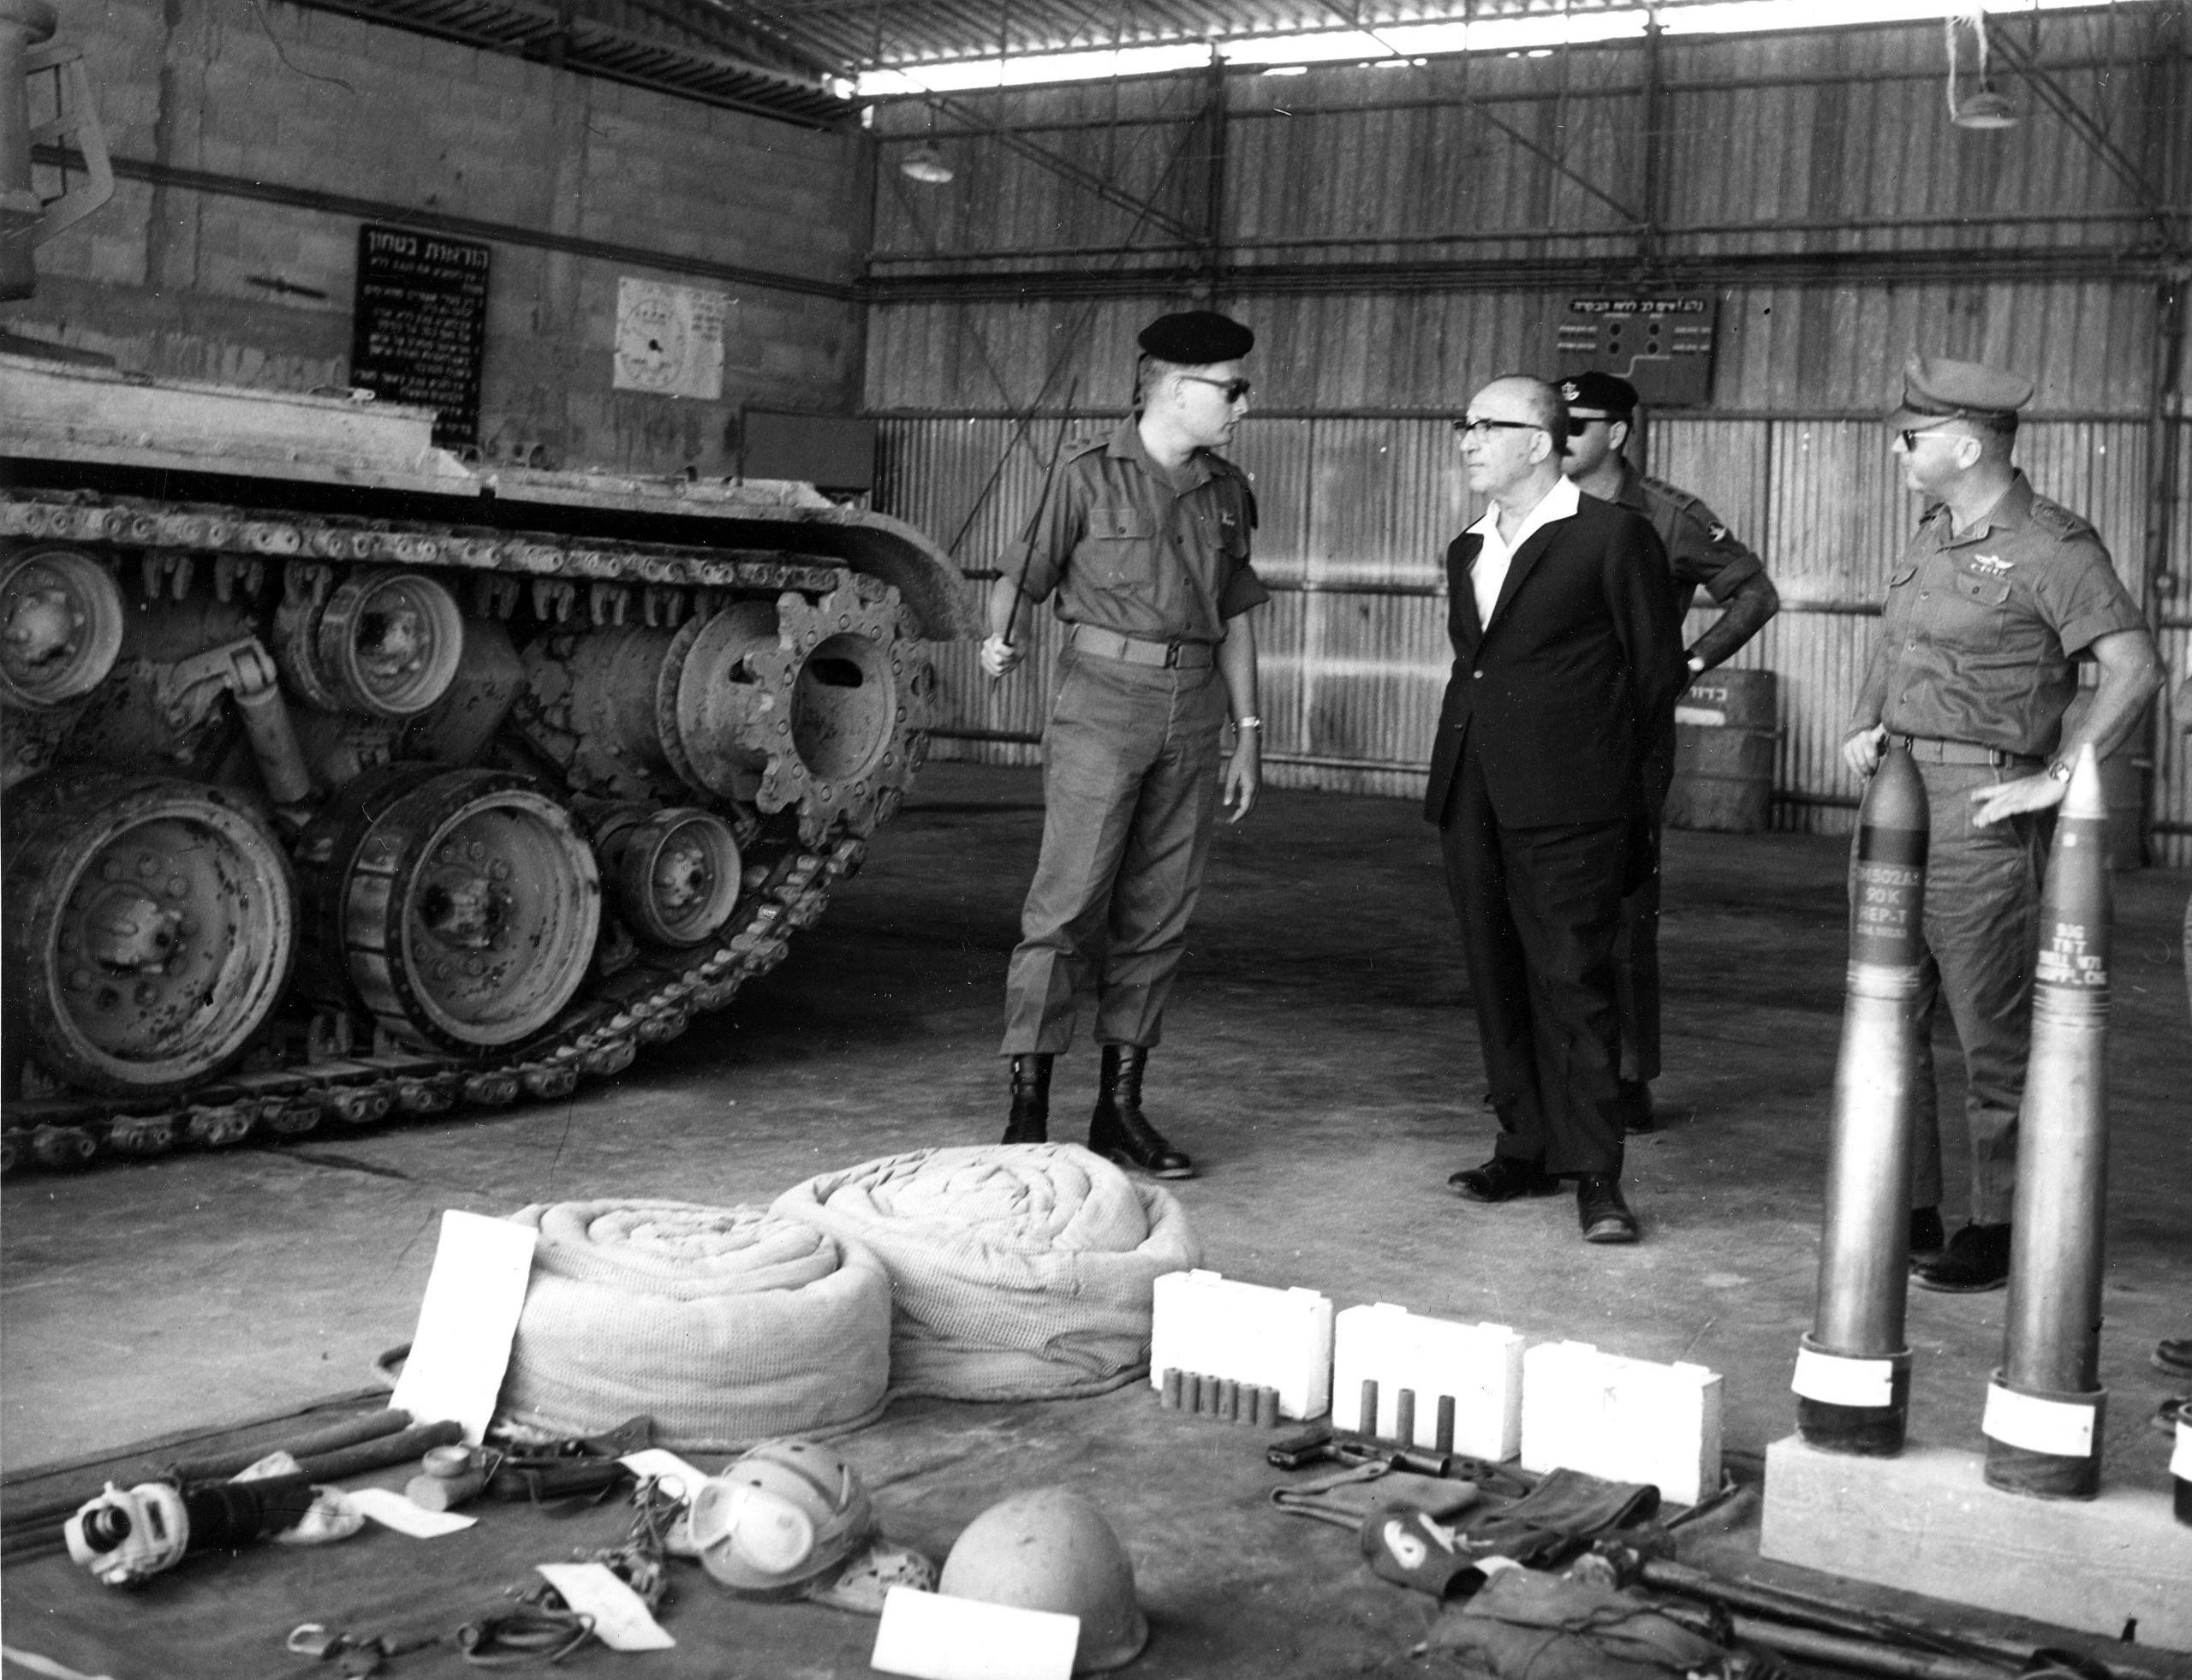 """מפקד גדוד 79 של חטיבה 7 סא""""ל ג'קי אבן (לימים אלוף) מציג את הטנק M48A1 לראש הממשלה לוי אשכול ולרמטכ""""ל רא""""ל יצחק רבין(צילום אוסף האלוף ג'קי אבן)"""